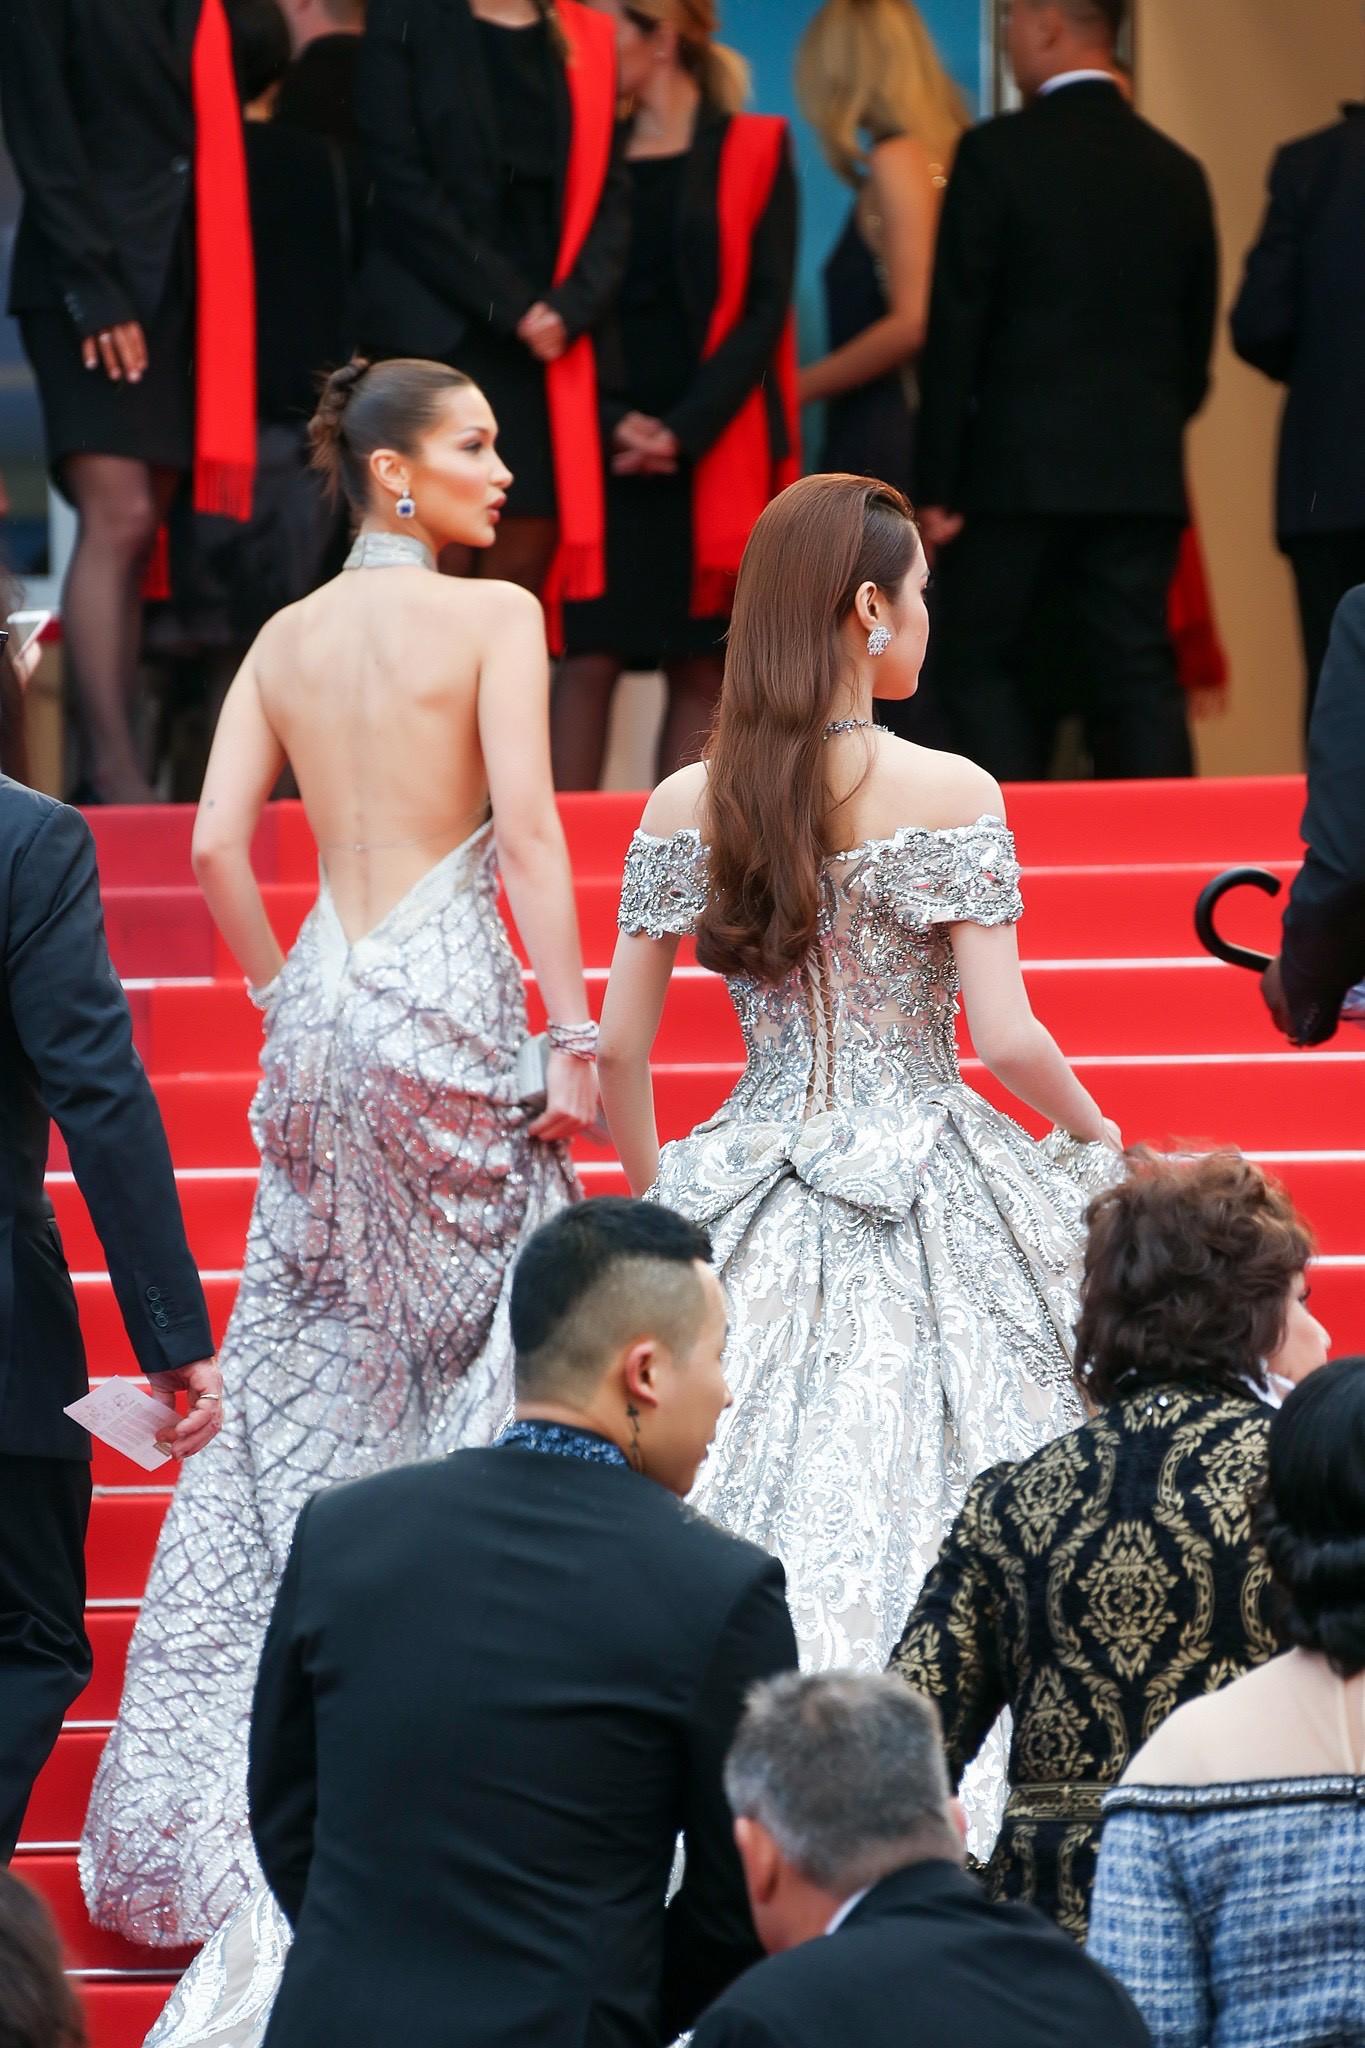 Lần đầu đến Cannes, bản sao Ngọc Trinh xuất hiện lộng lẫy trên thảm đỏ với trang sức tiền tỷ - Ảnh 4.